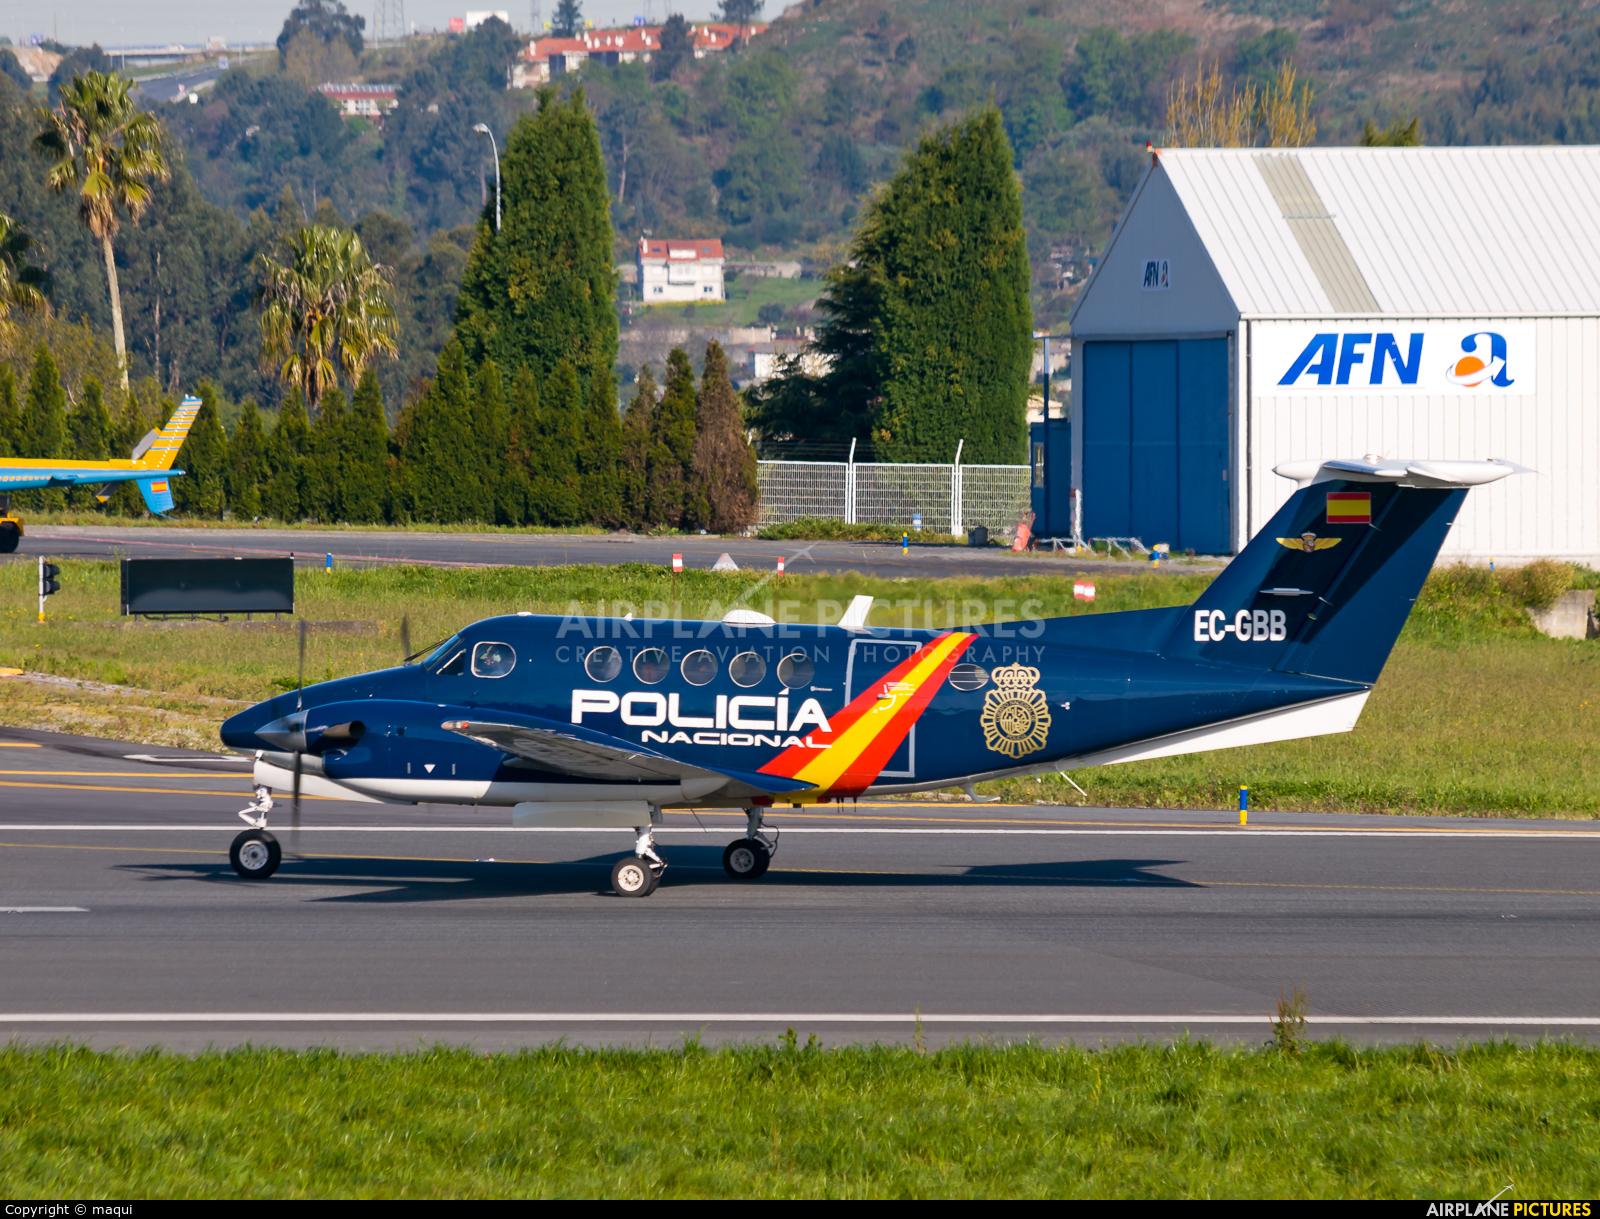 Spain - Police EC-GBB aircraft at La Coruña